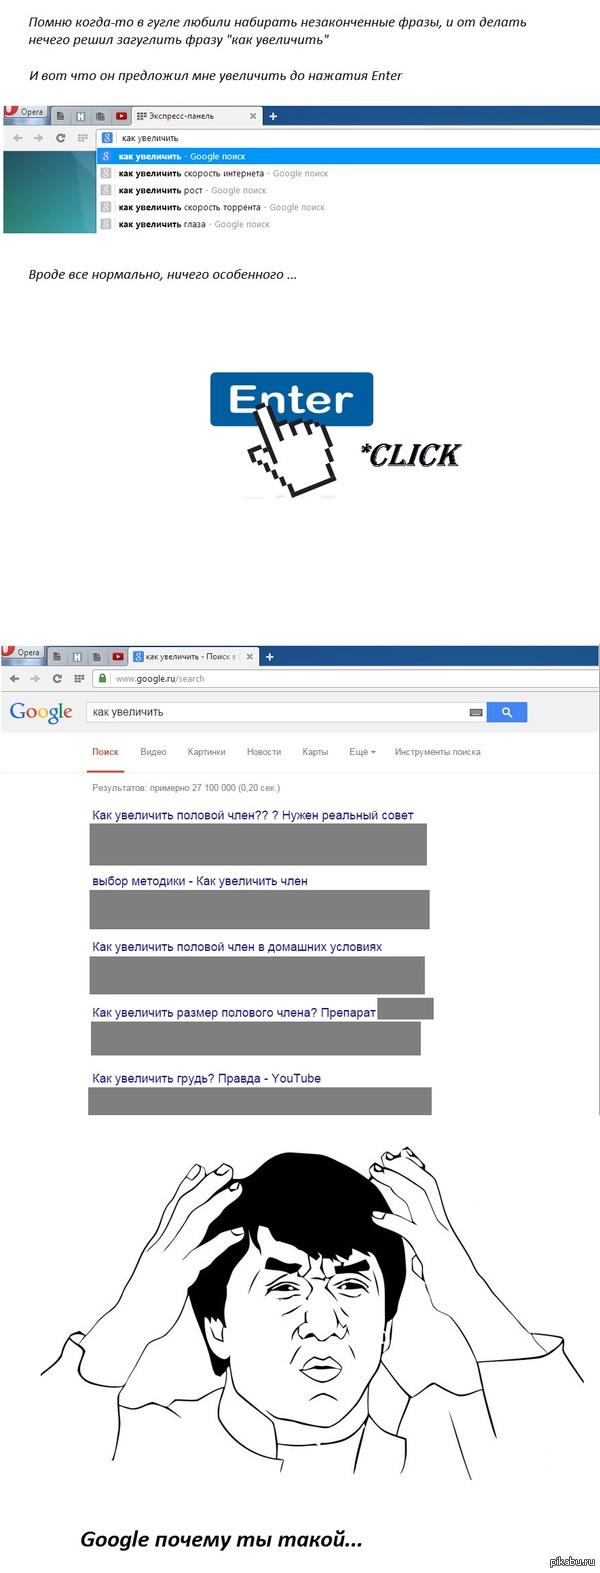 Гугл как всегда